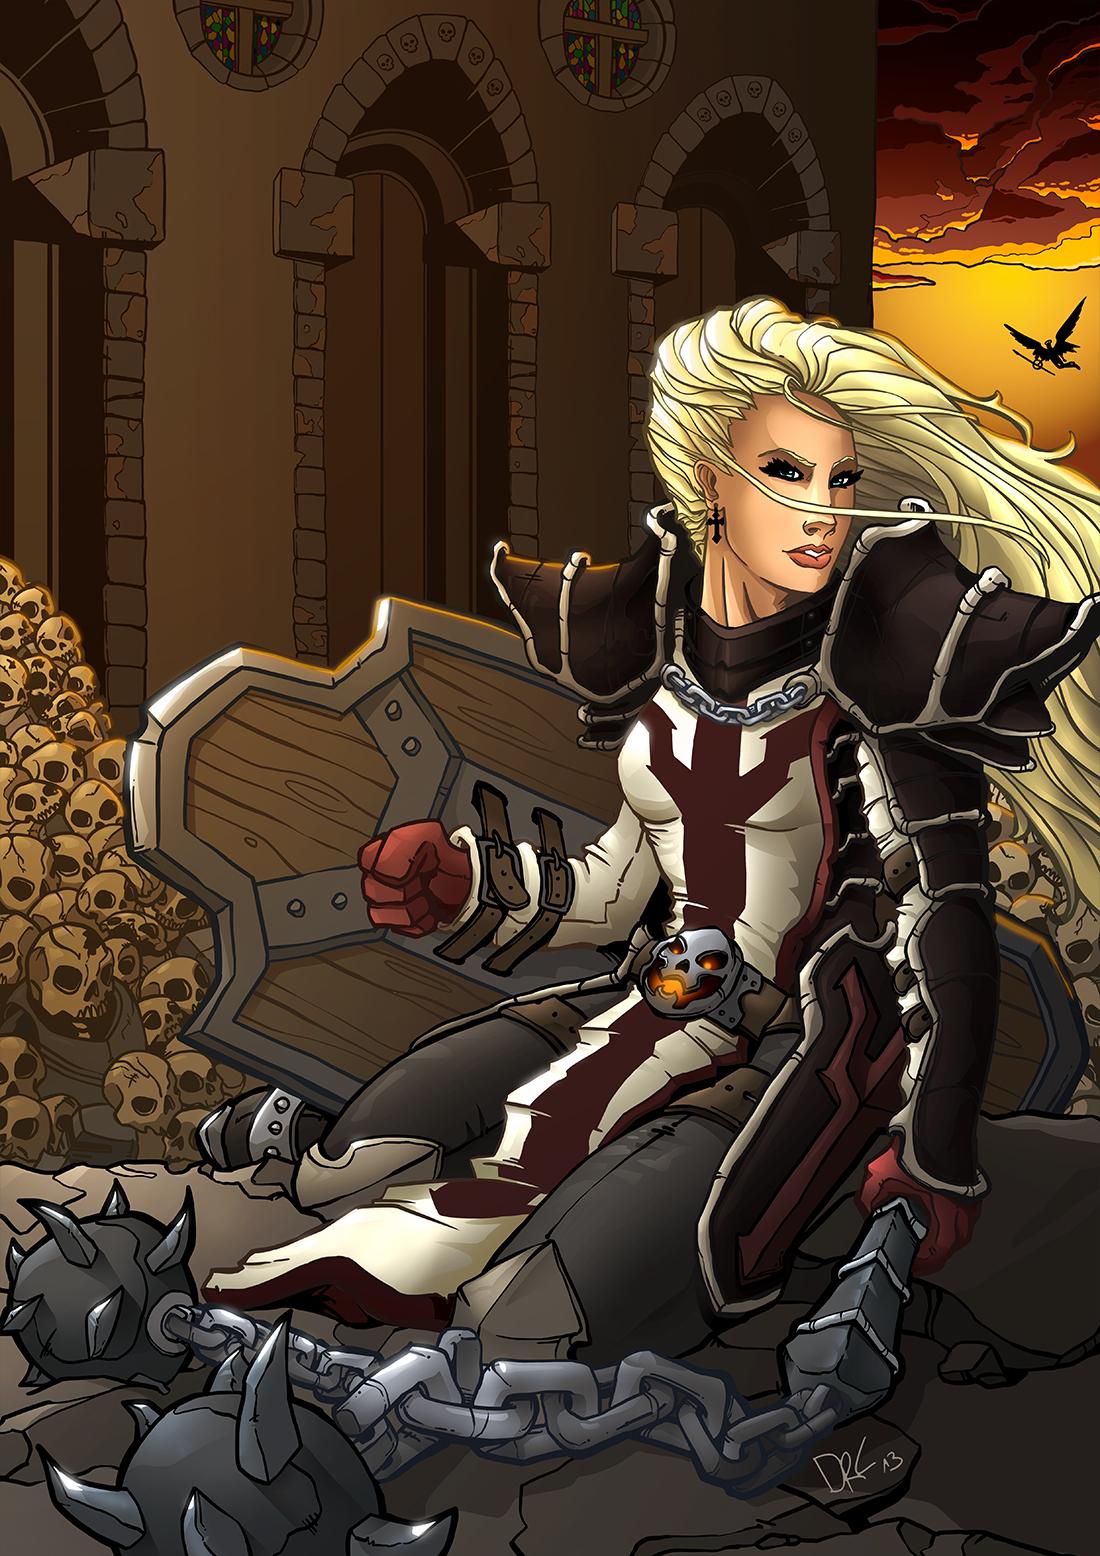 Female Crusader - Diablo III